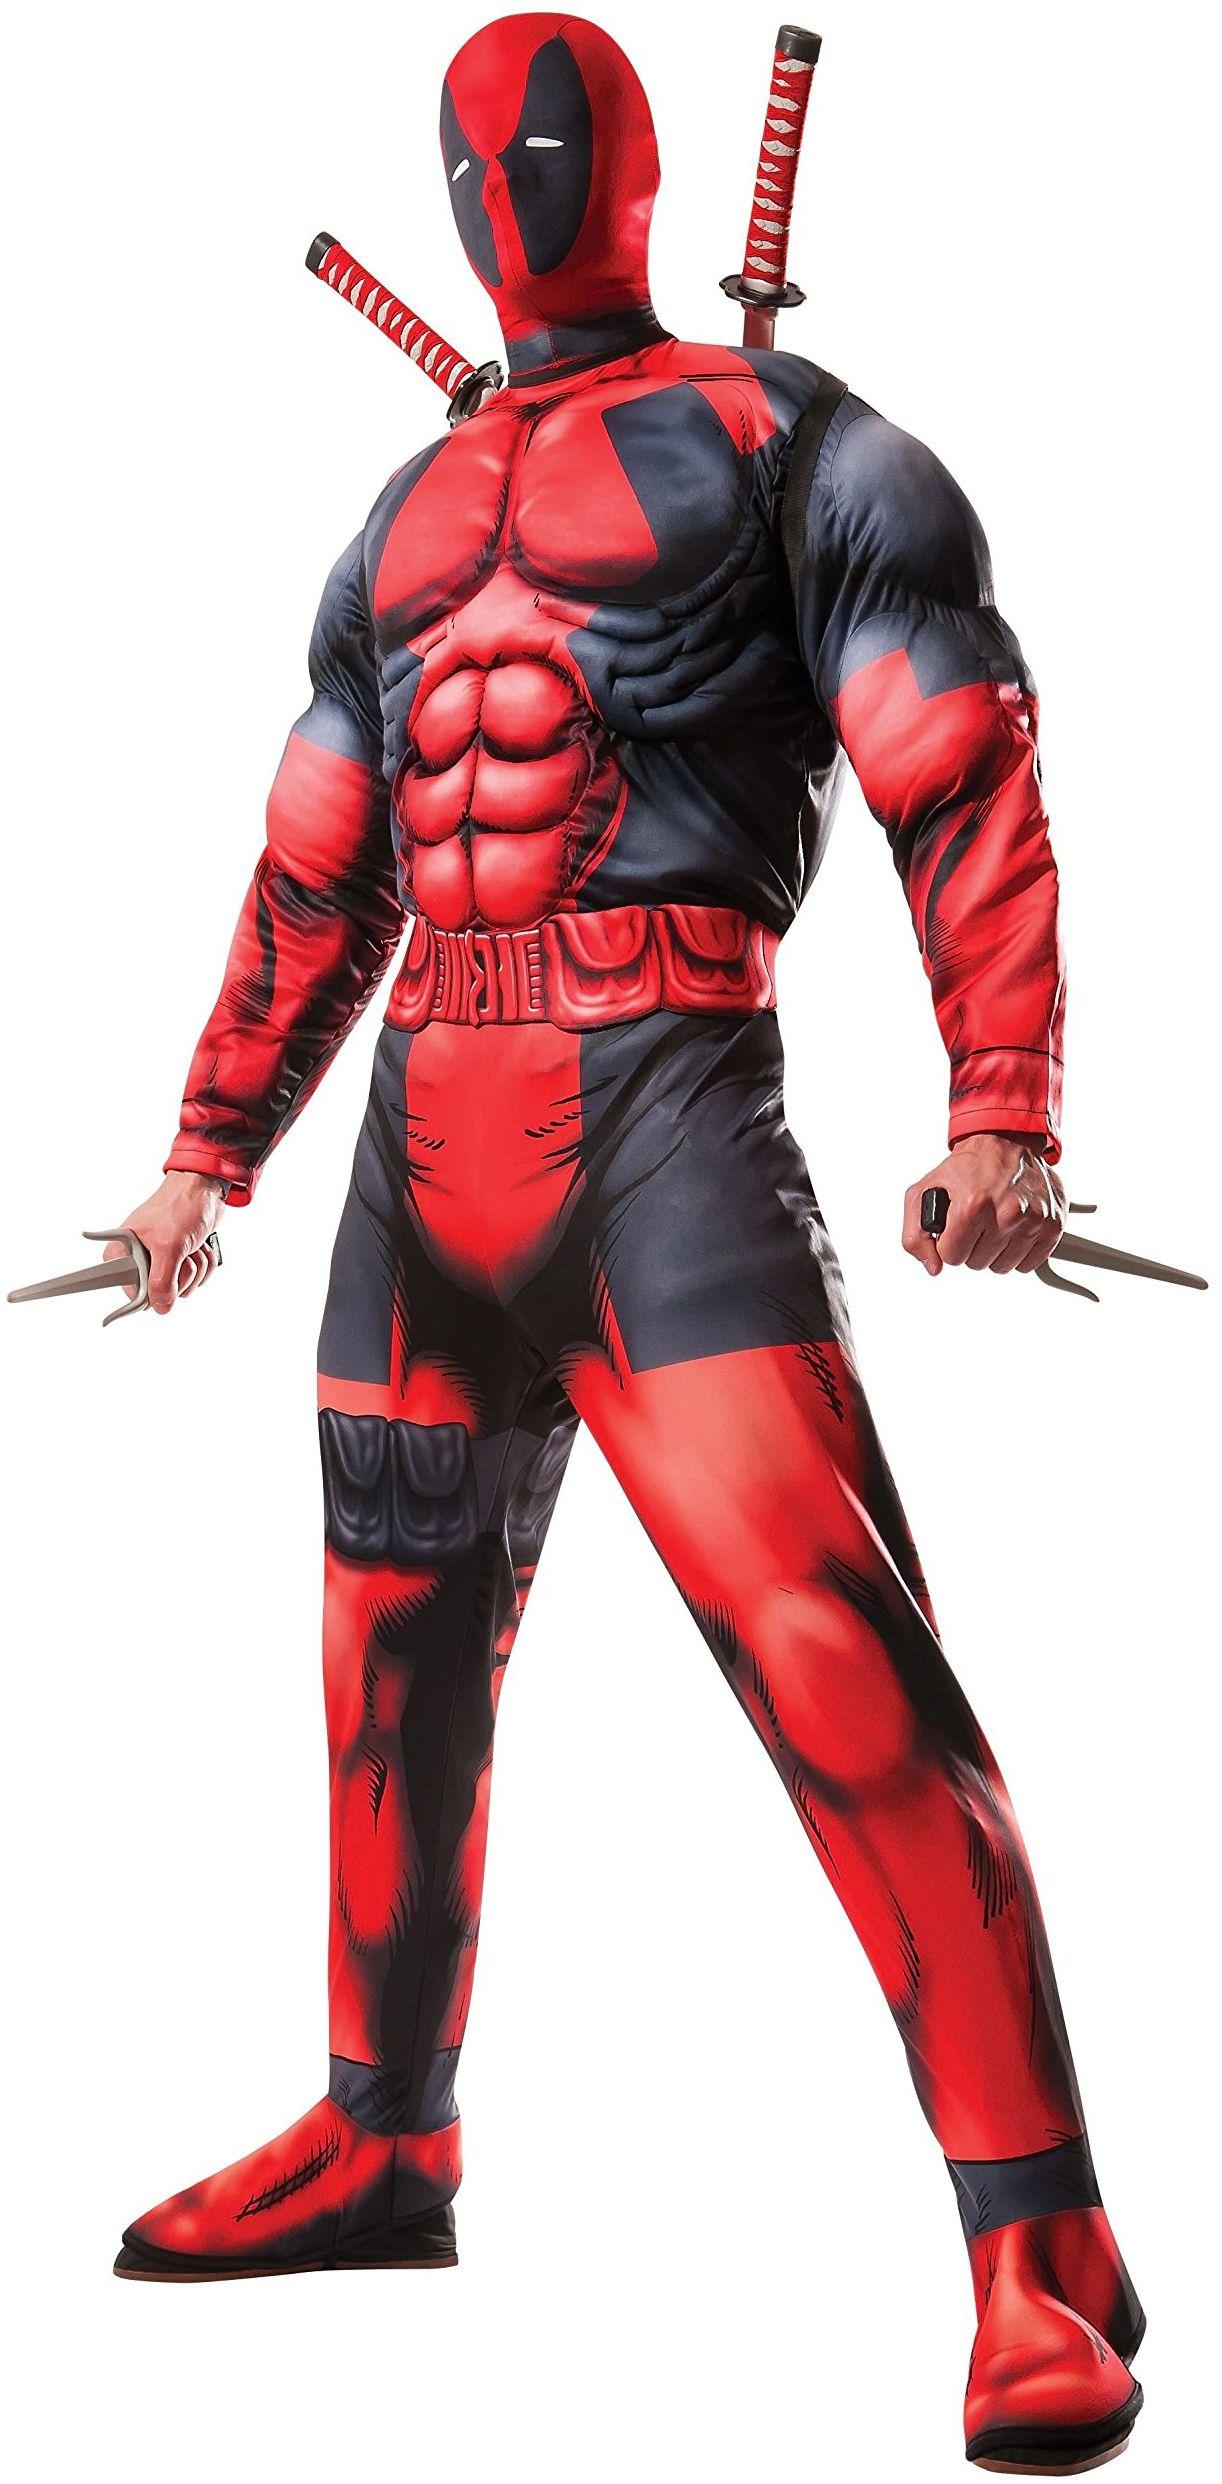 Rubie''s 3810109 Marvel Deadpool Kostium dla Dorosłych Czerwono/Czarny, STD